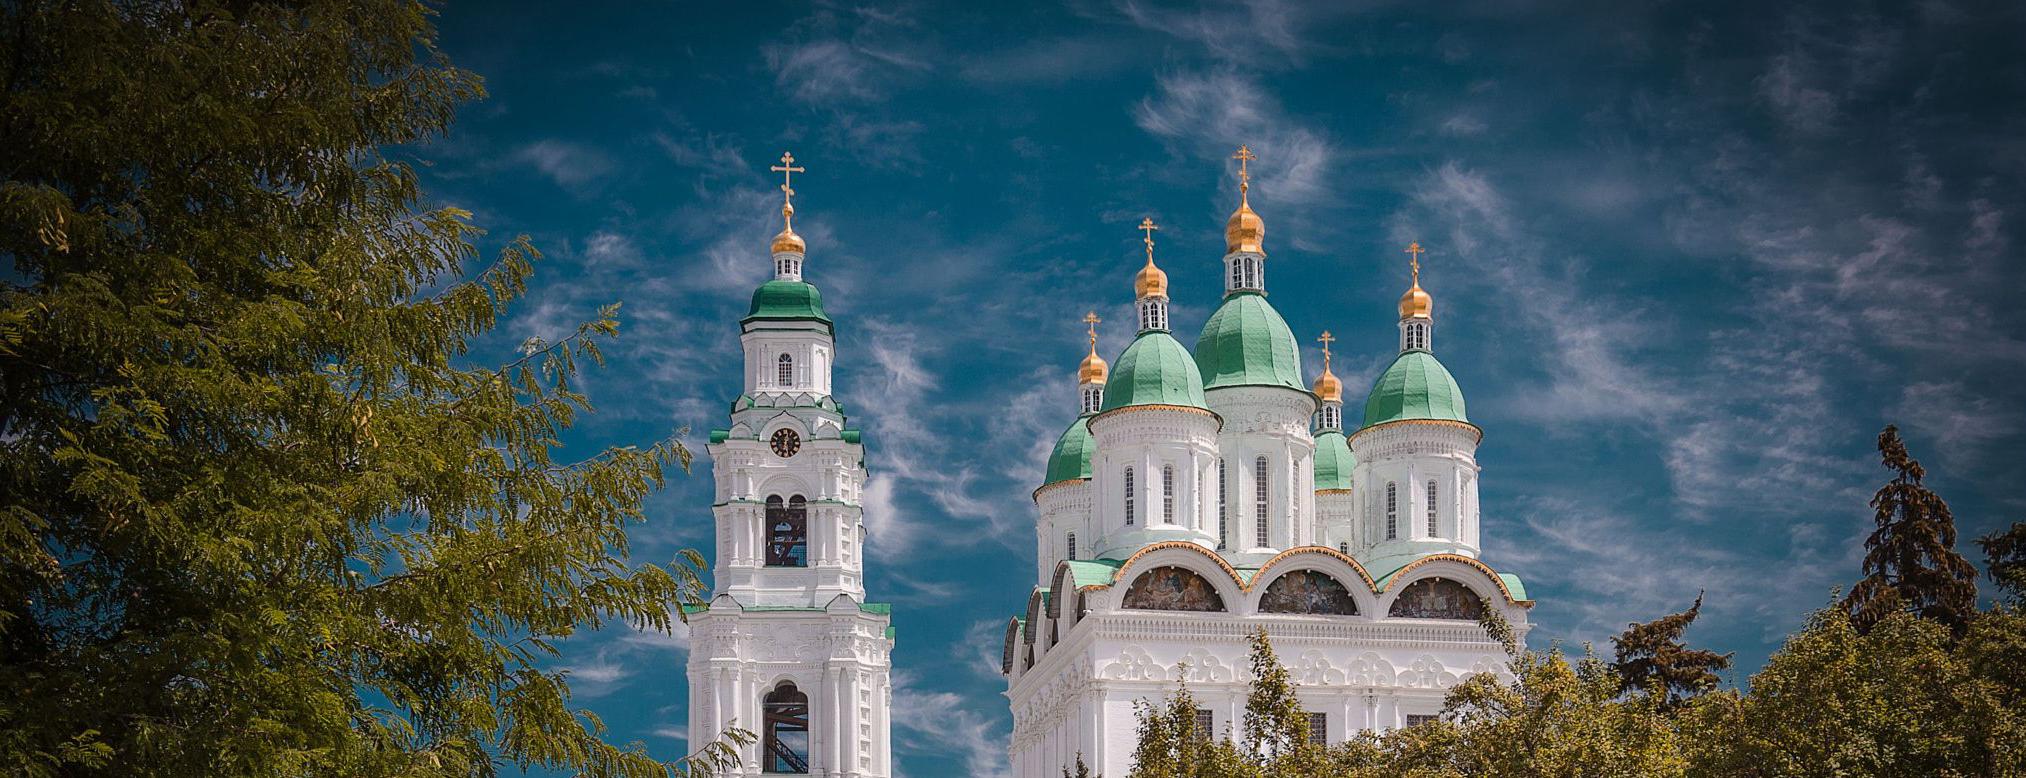 Изображение Астраханского кремля